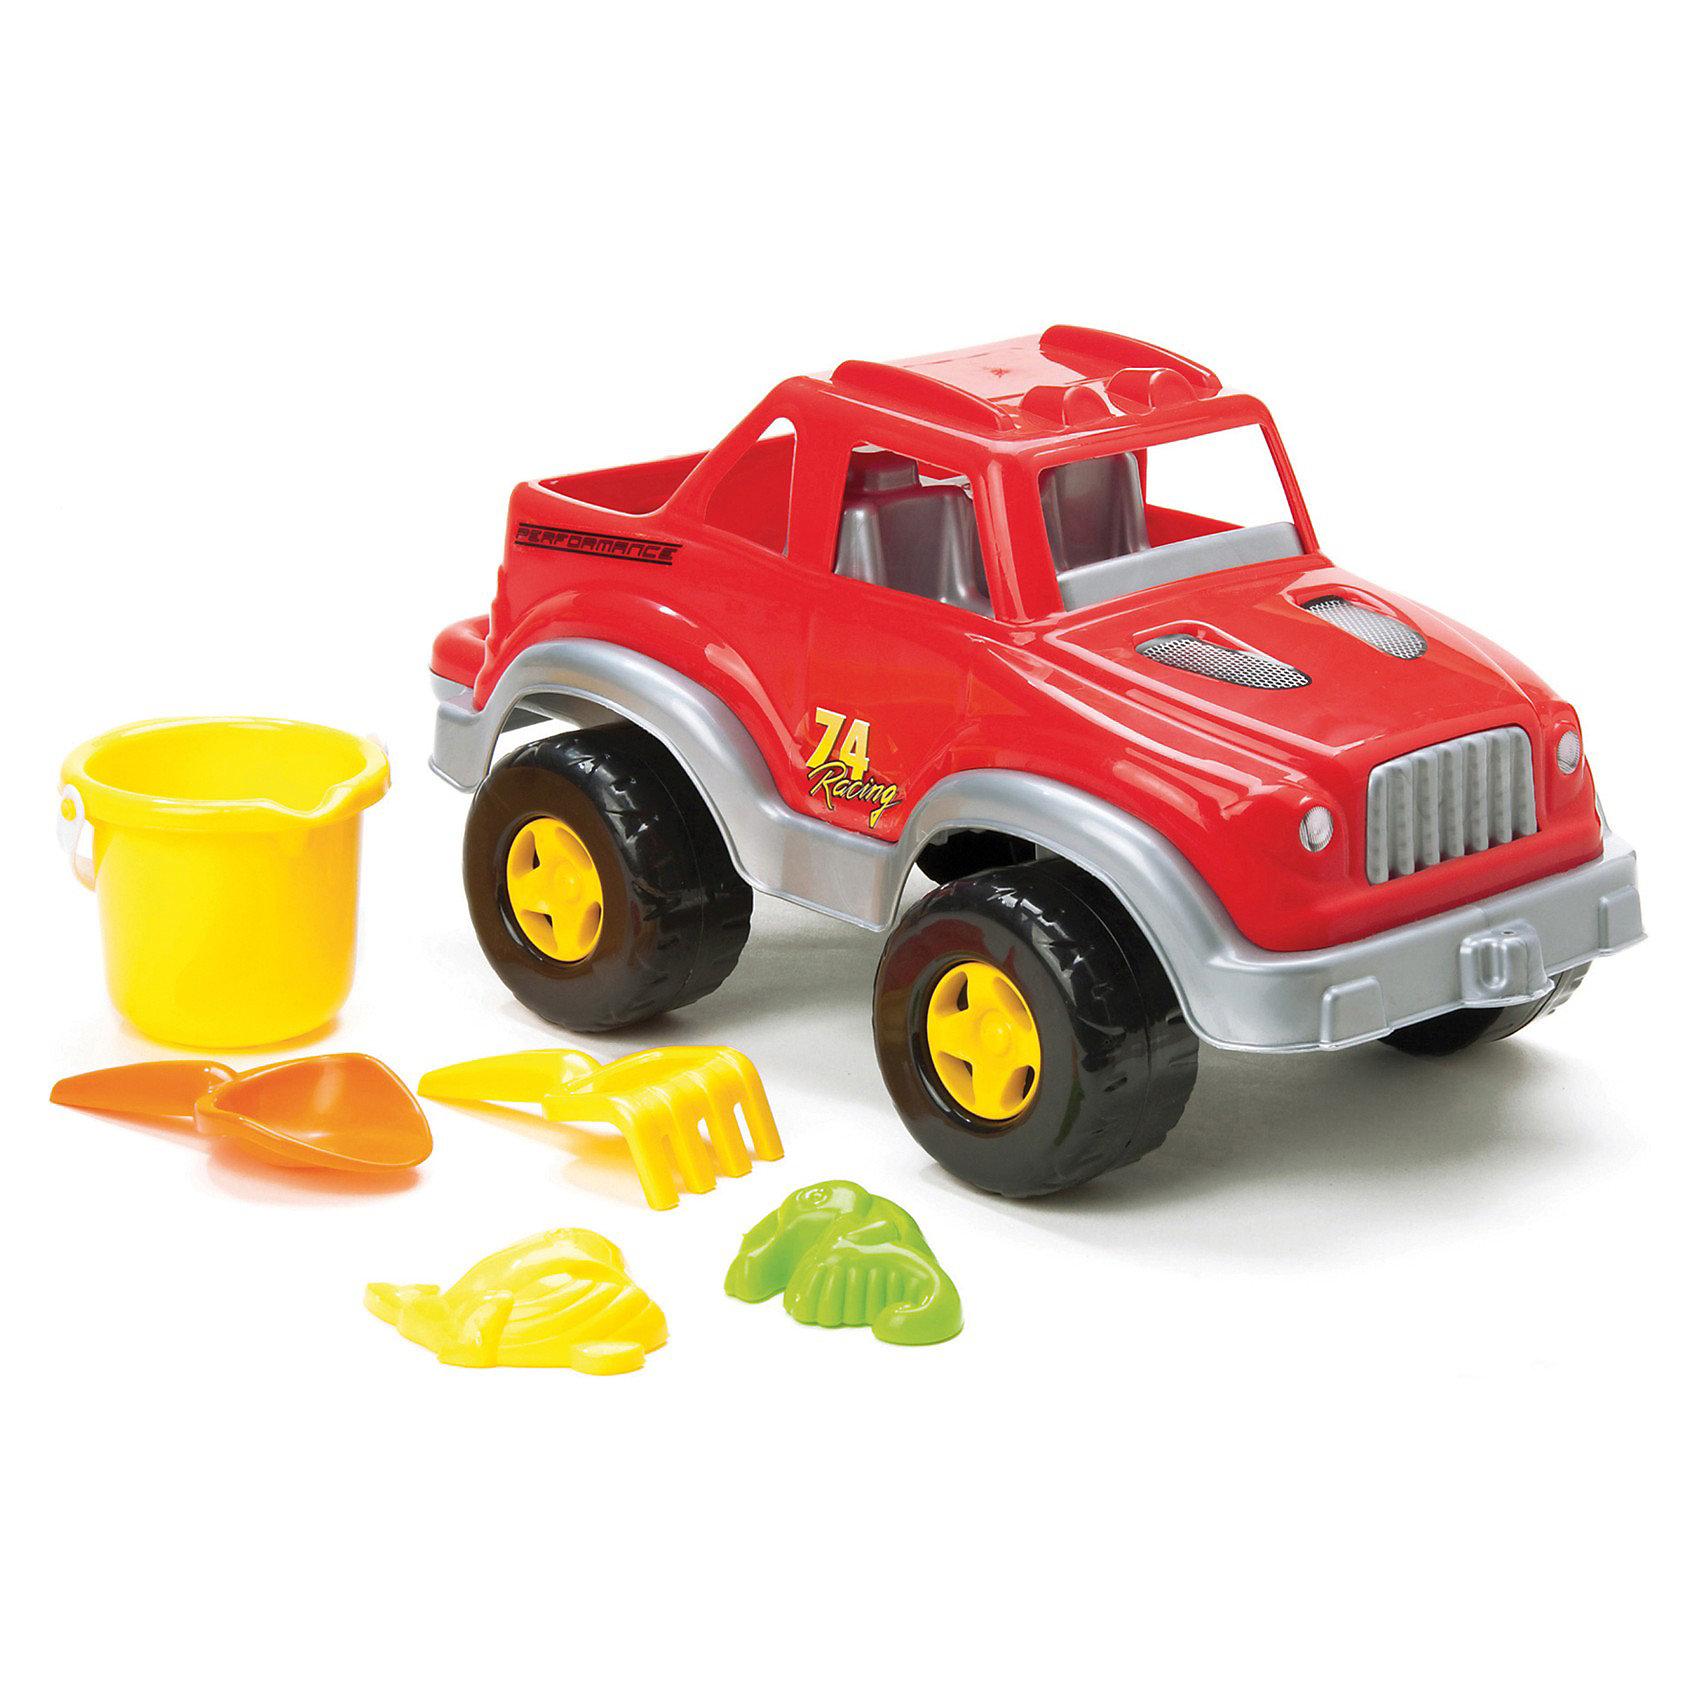 DOLU Джип с песочным наборомСобираясь на пляжный отдых не забудьте взять песочный набор Джип. Ребенку будет некогда скучать. Можно строить куличики или путешествовать по барханам вместе с собственным джипом. При изготовлении игрушки использовались только качественные и нетоксичные материалы.<br><br>Внимание! Товар представлен в ассортименте, к сожалению, заранее выбрать цвет не возможно.<br><br>Ширина мм: 440<br>Глубина мм: 270<br>Высота мм: 200<br>Вес г: 1000<br>Возраст от месяцев: 24<br>Возраст до месяцев: 60<br>Пол: Мужской<br>Возраст: Детский<br>SKU: 3261109